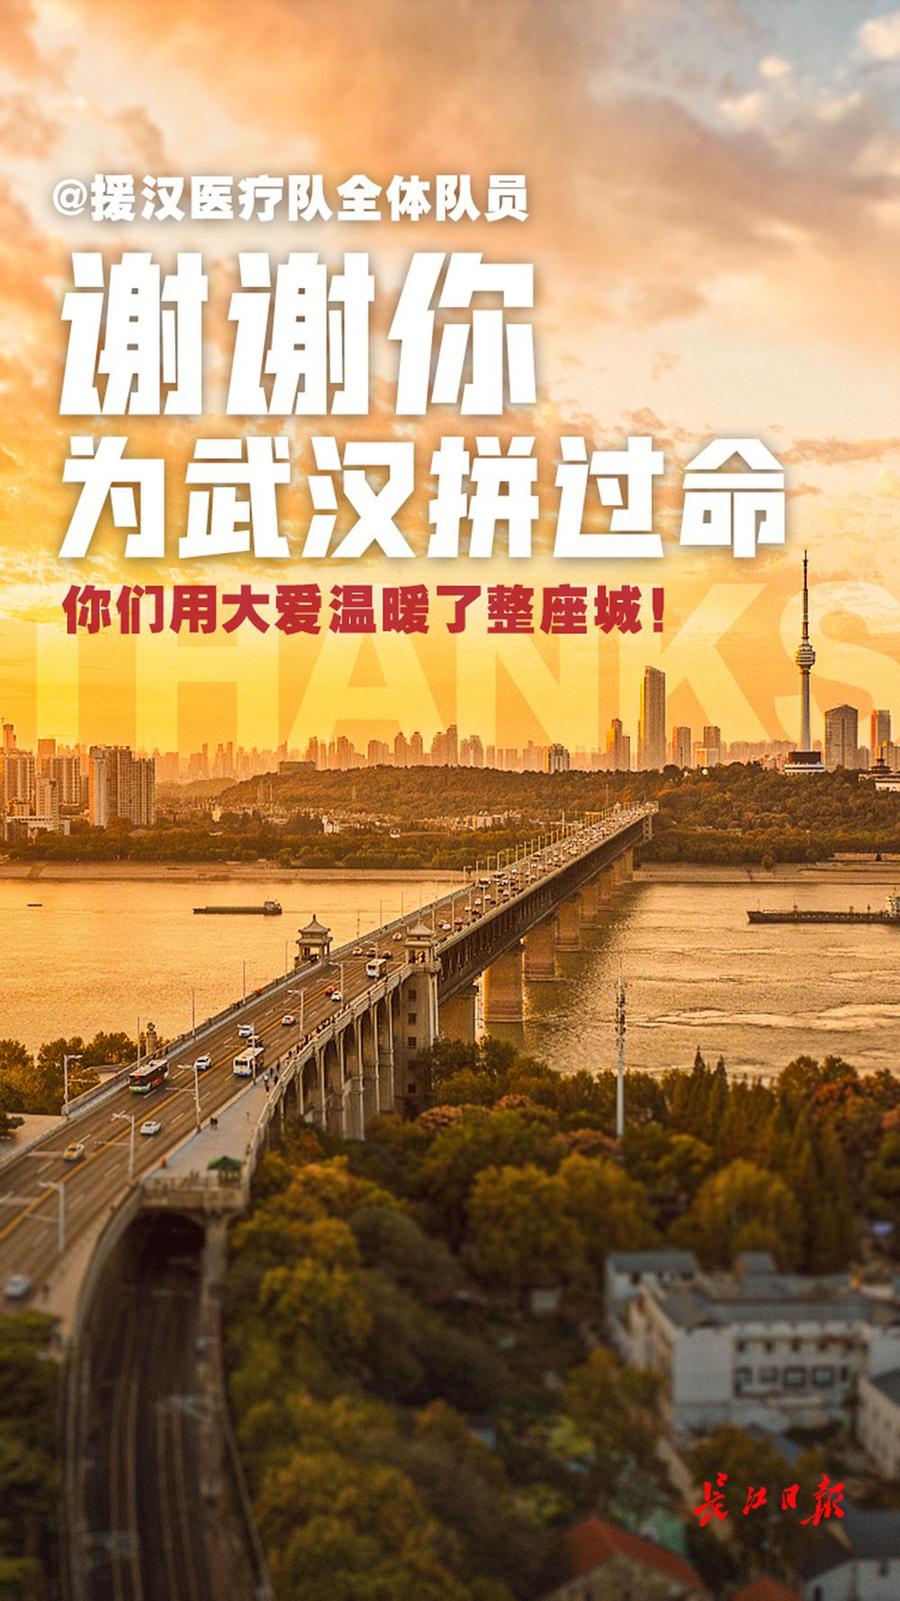 中共武汉市委 武汉市人民政府致援汉医疗队全体队员的感谢信